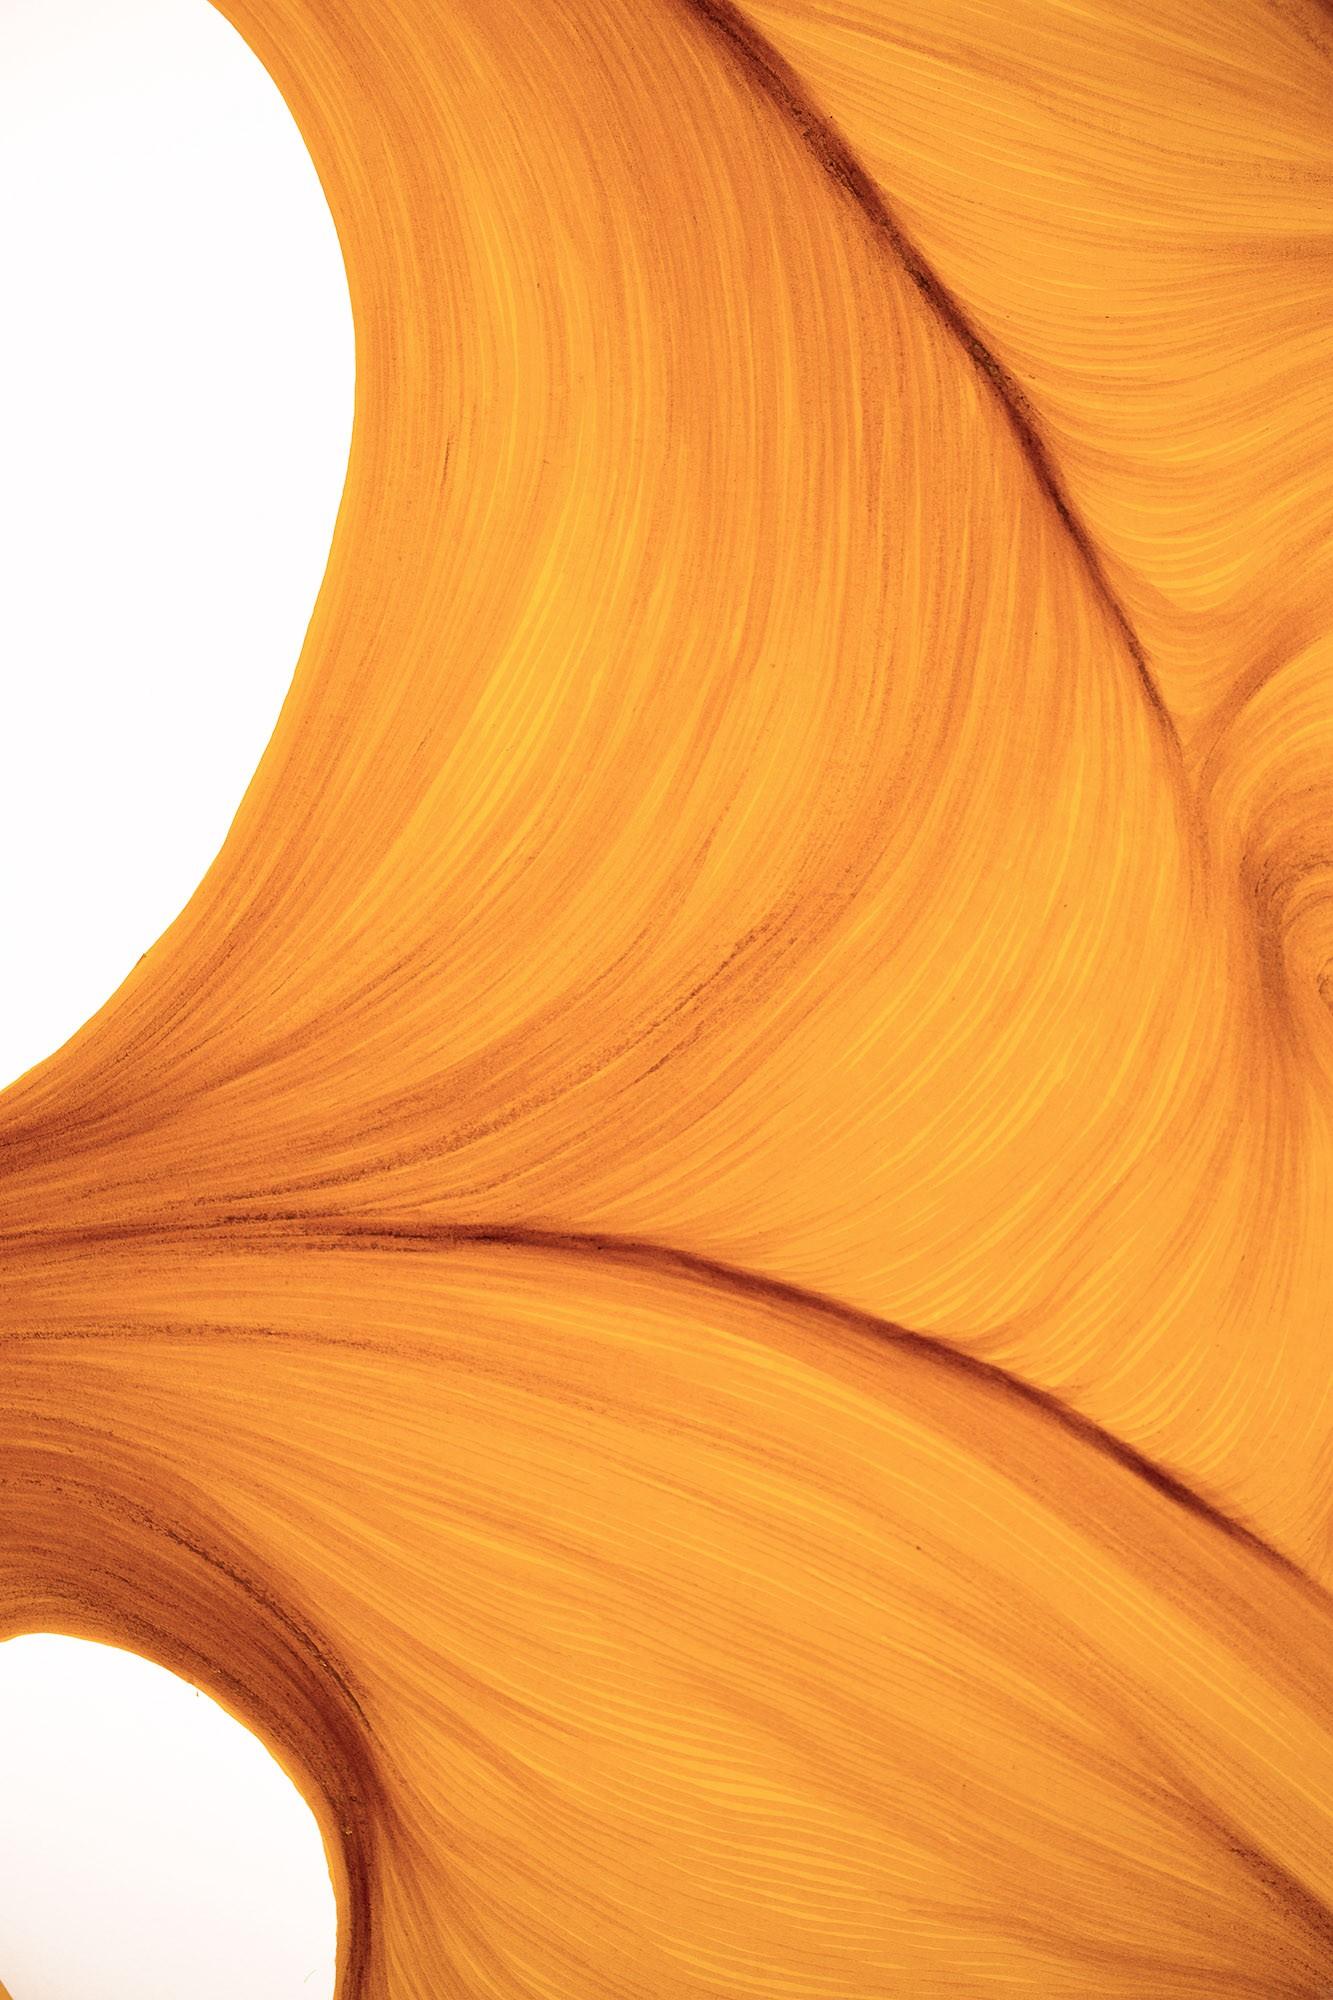 Sunlight Melt | Lali Torma | Zeichnung | Kalligraphie Tinte auf Papier - Detail 2